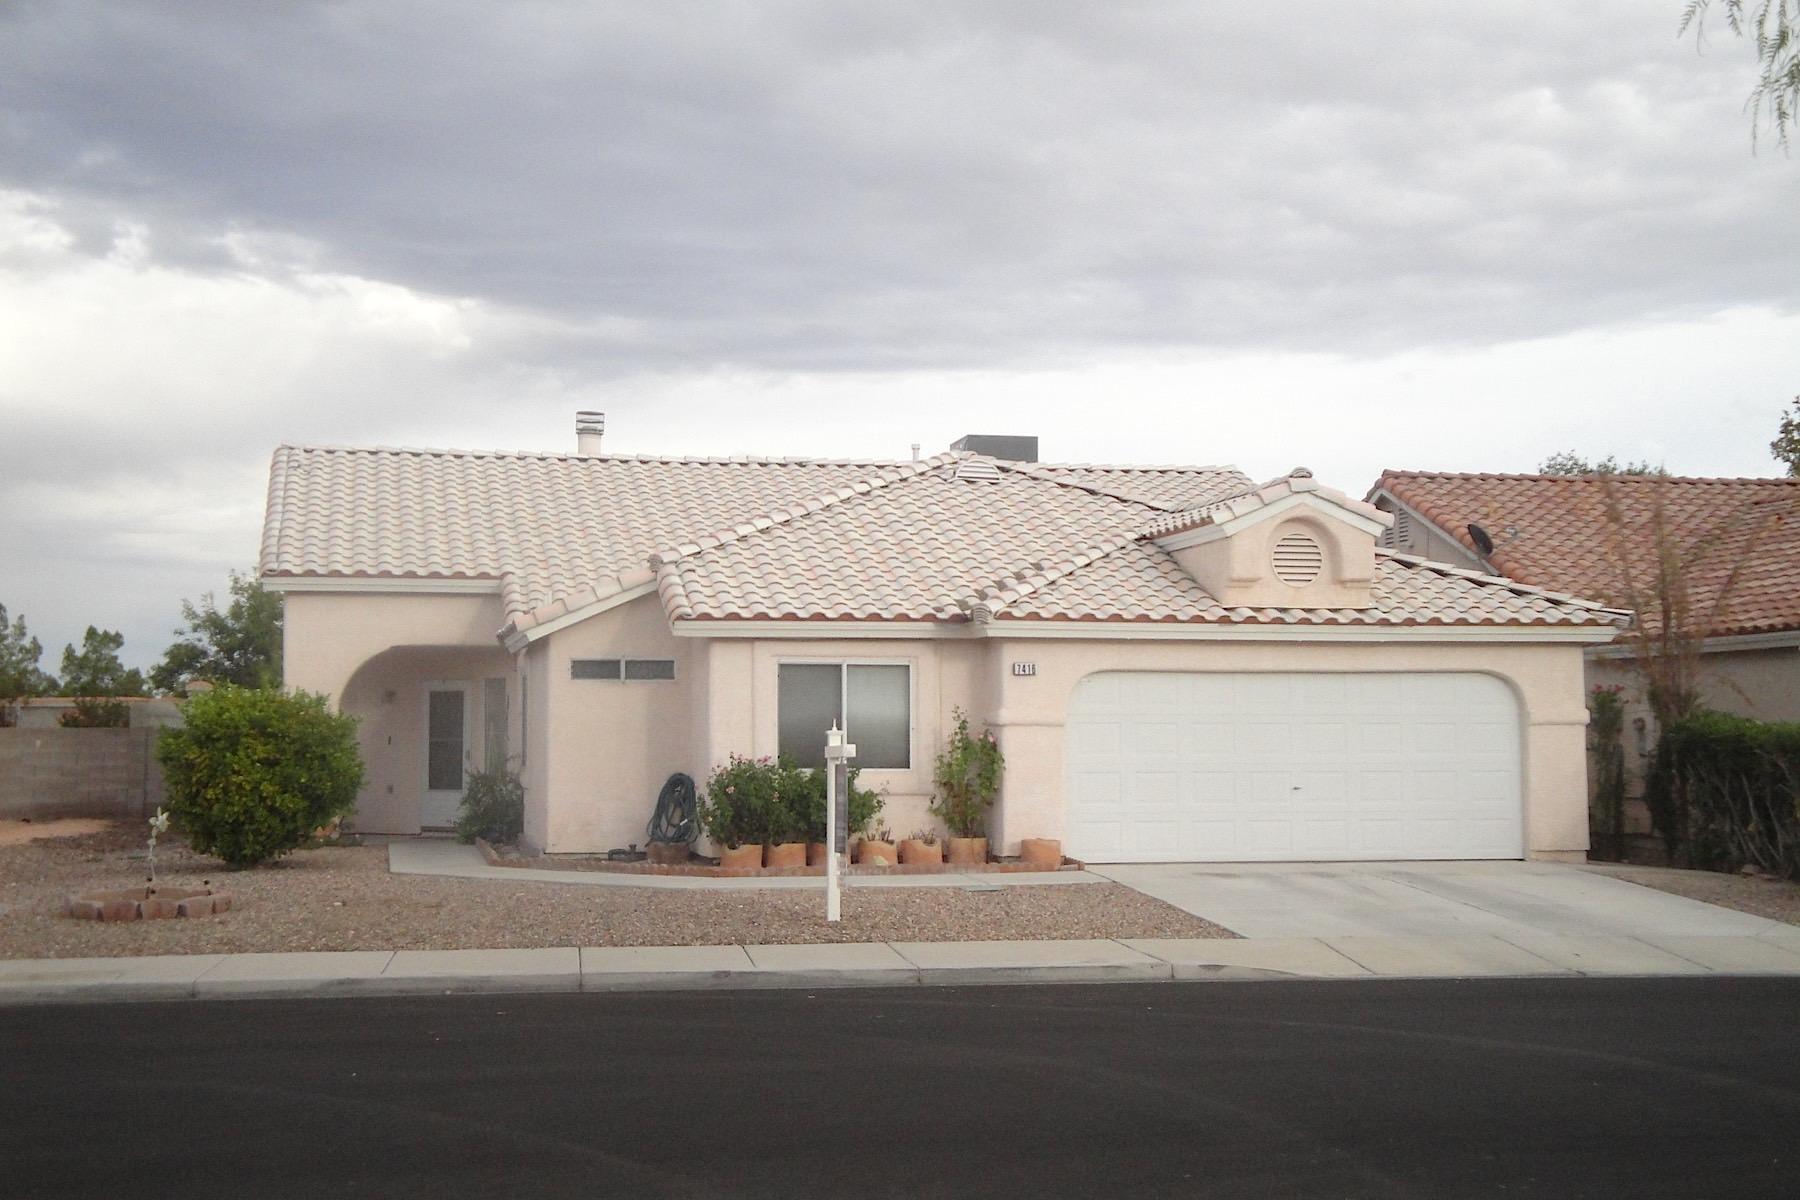 Tek Ailelik Ev için Satış at 7416 Shady Rock St Las Vegas, Nevada, 89131 Amerika Birleşik Devletleri